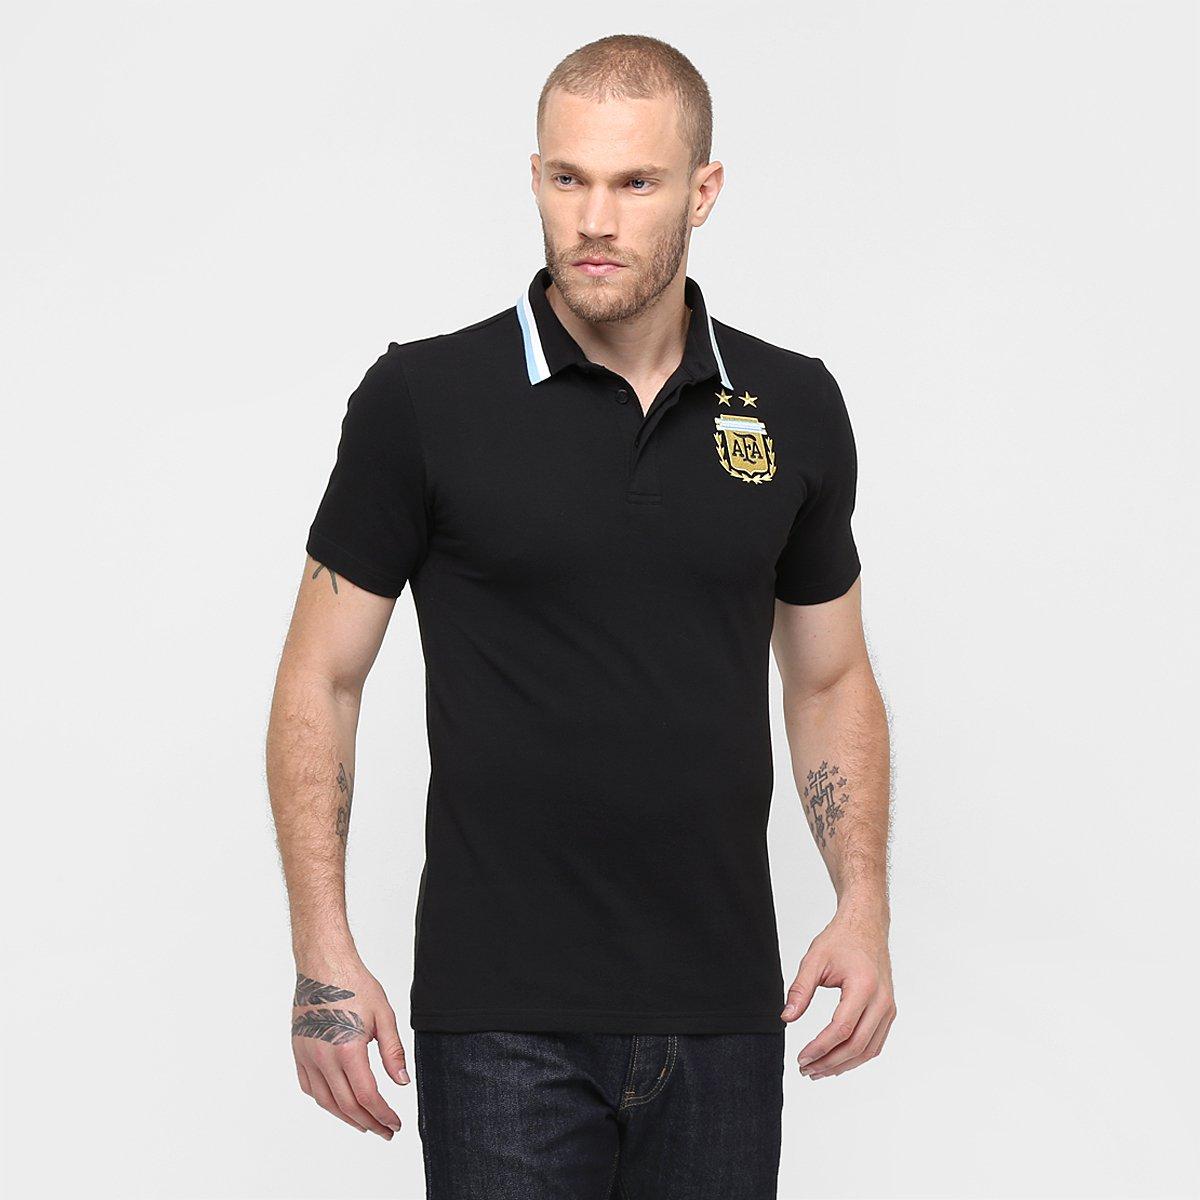 a62e6c772312b Camisa Polo Adidas Seleção Argentina - Compre Agora